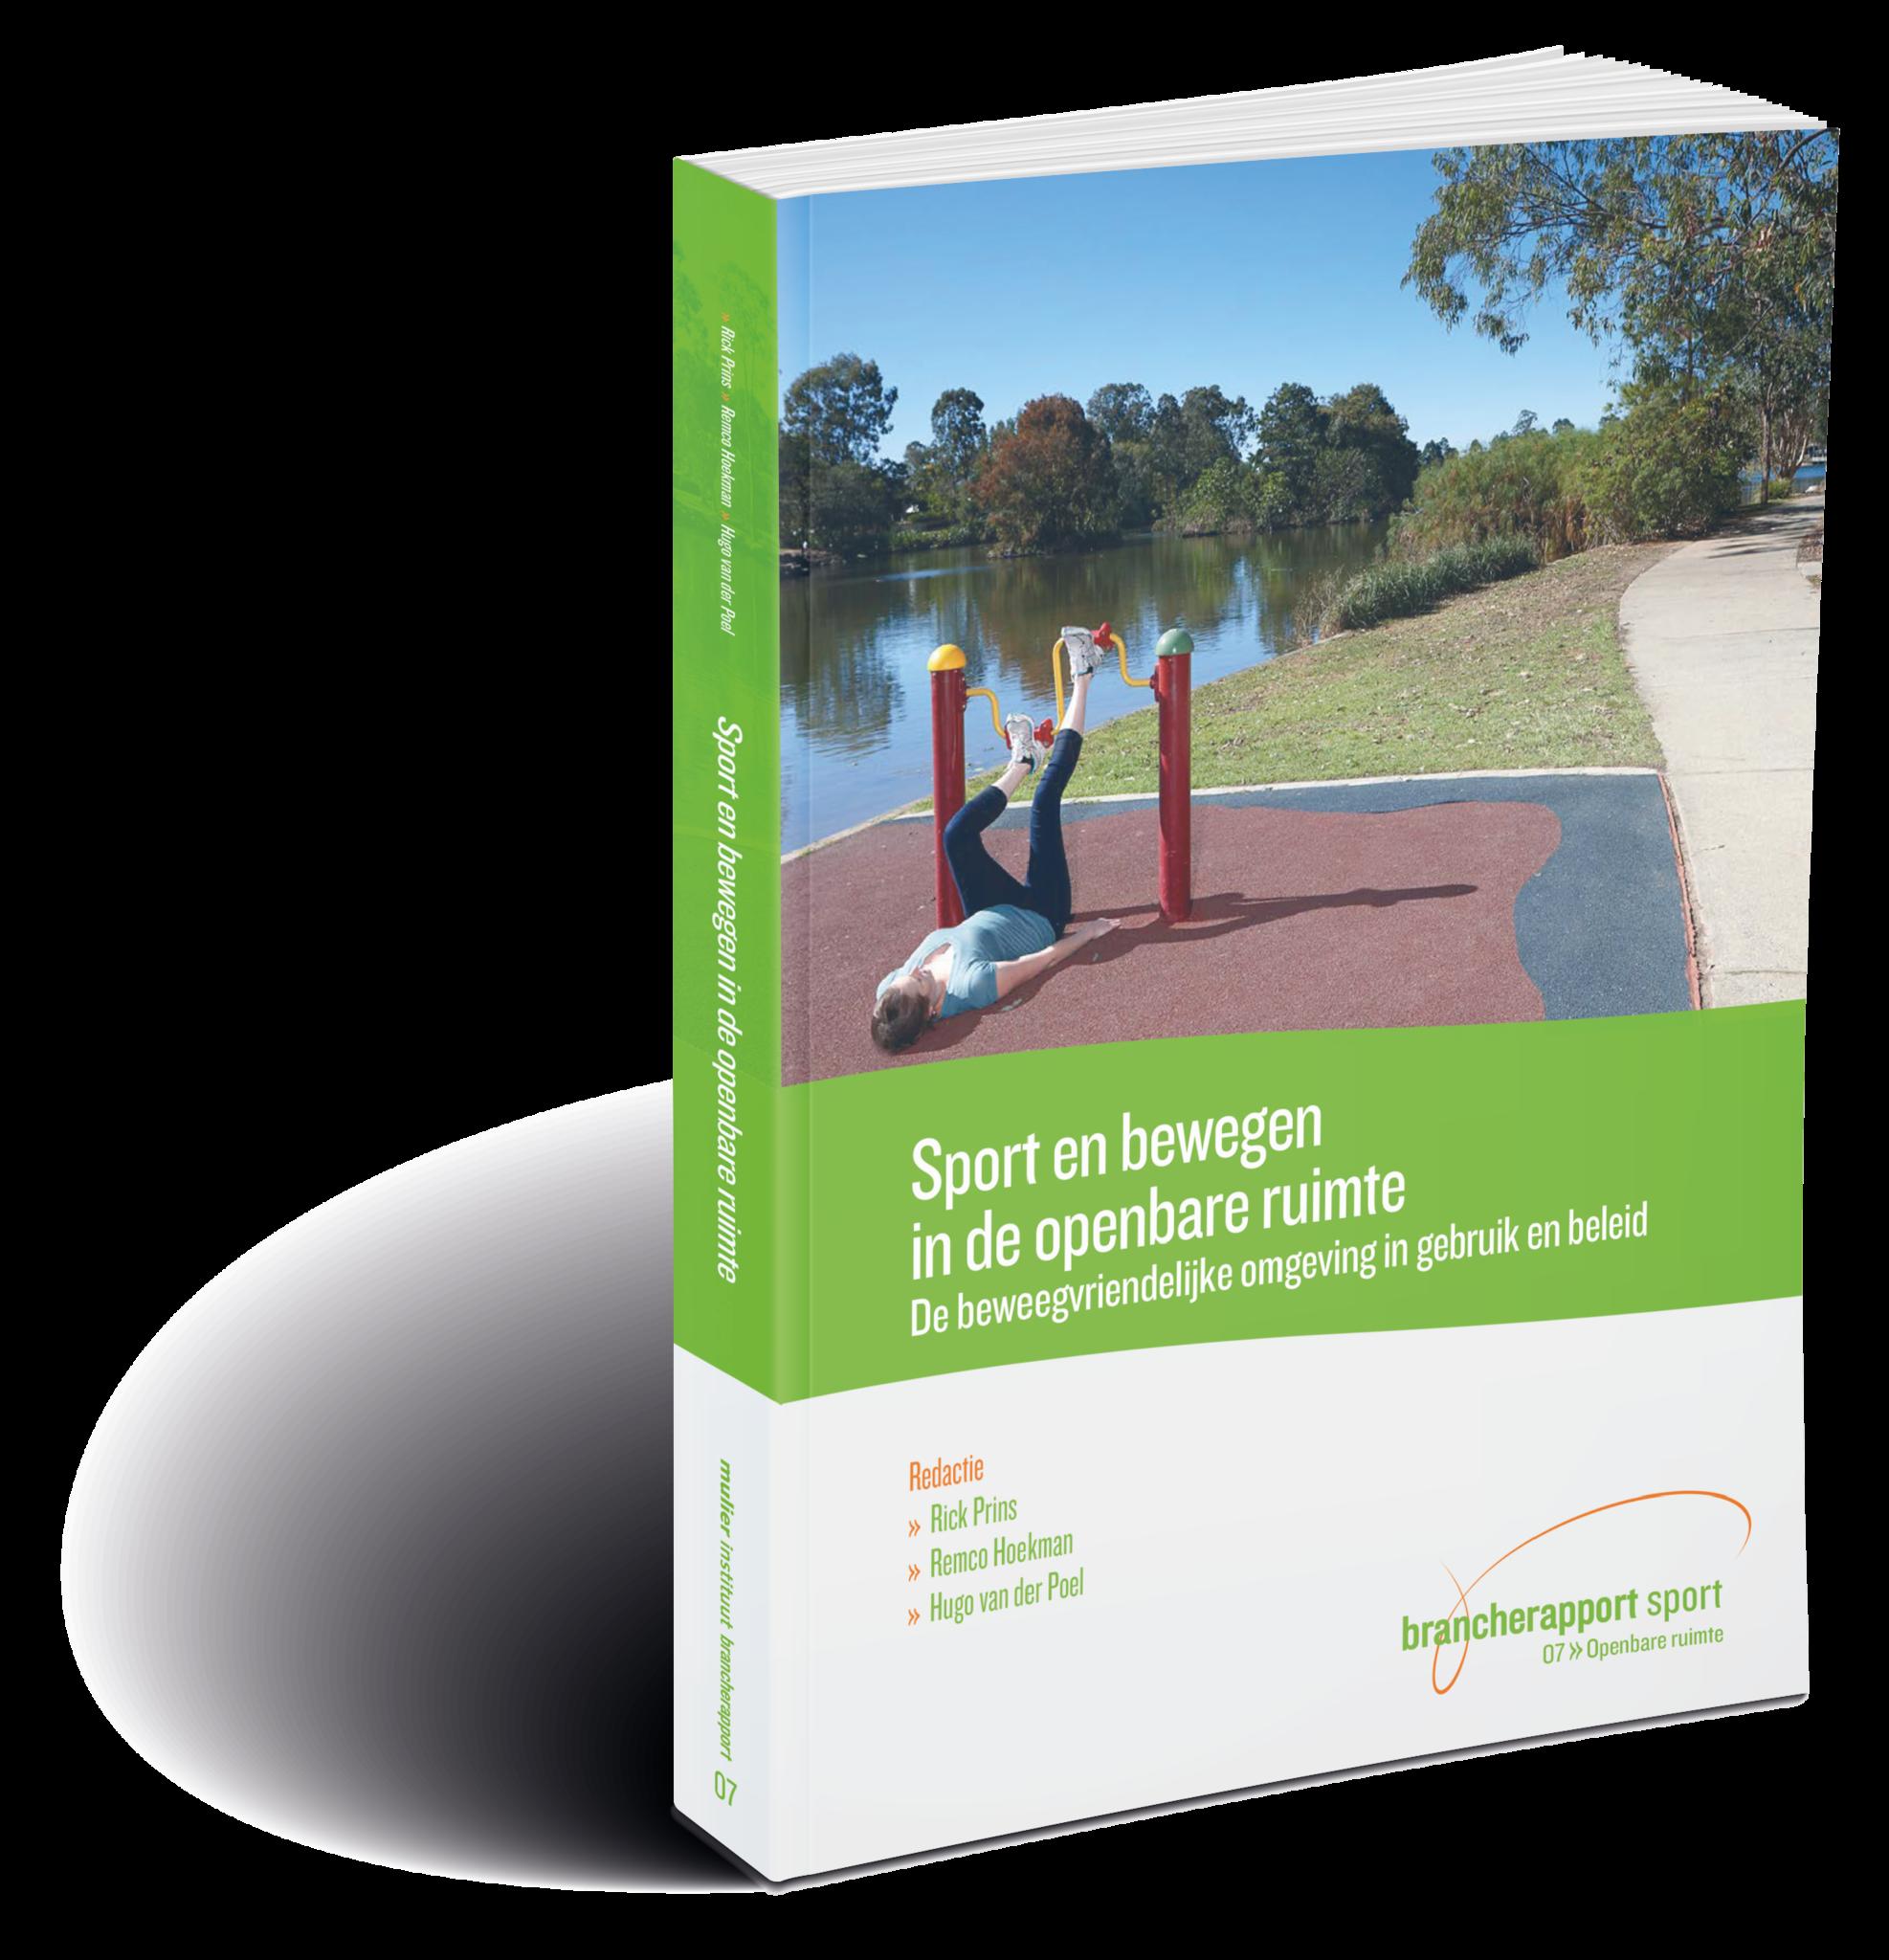 Brancherapport Sport en bewegen in de openbare ruimte - De beweegvriendelijke omgeving in gebruik en beleid